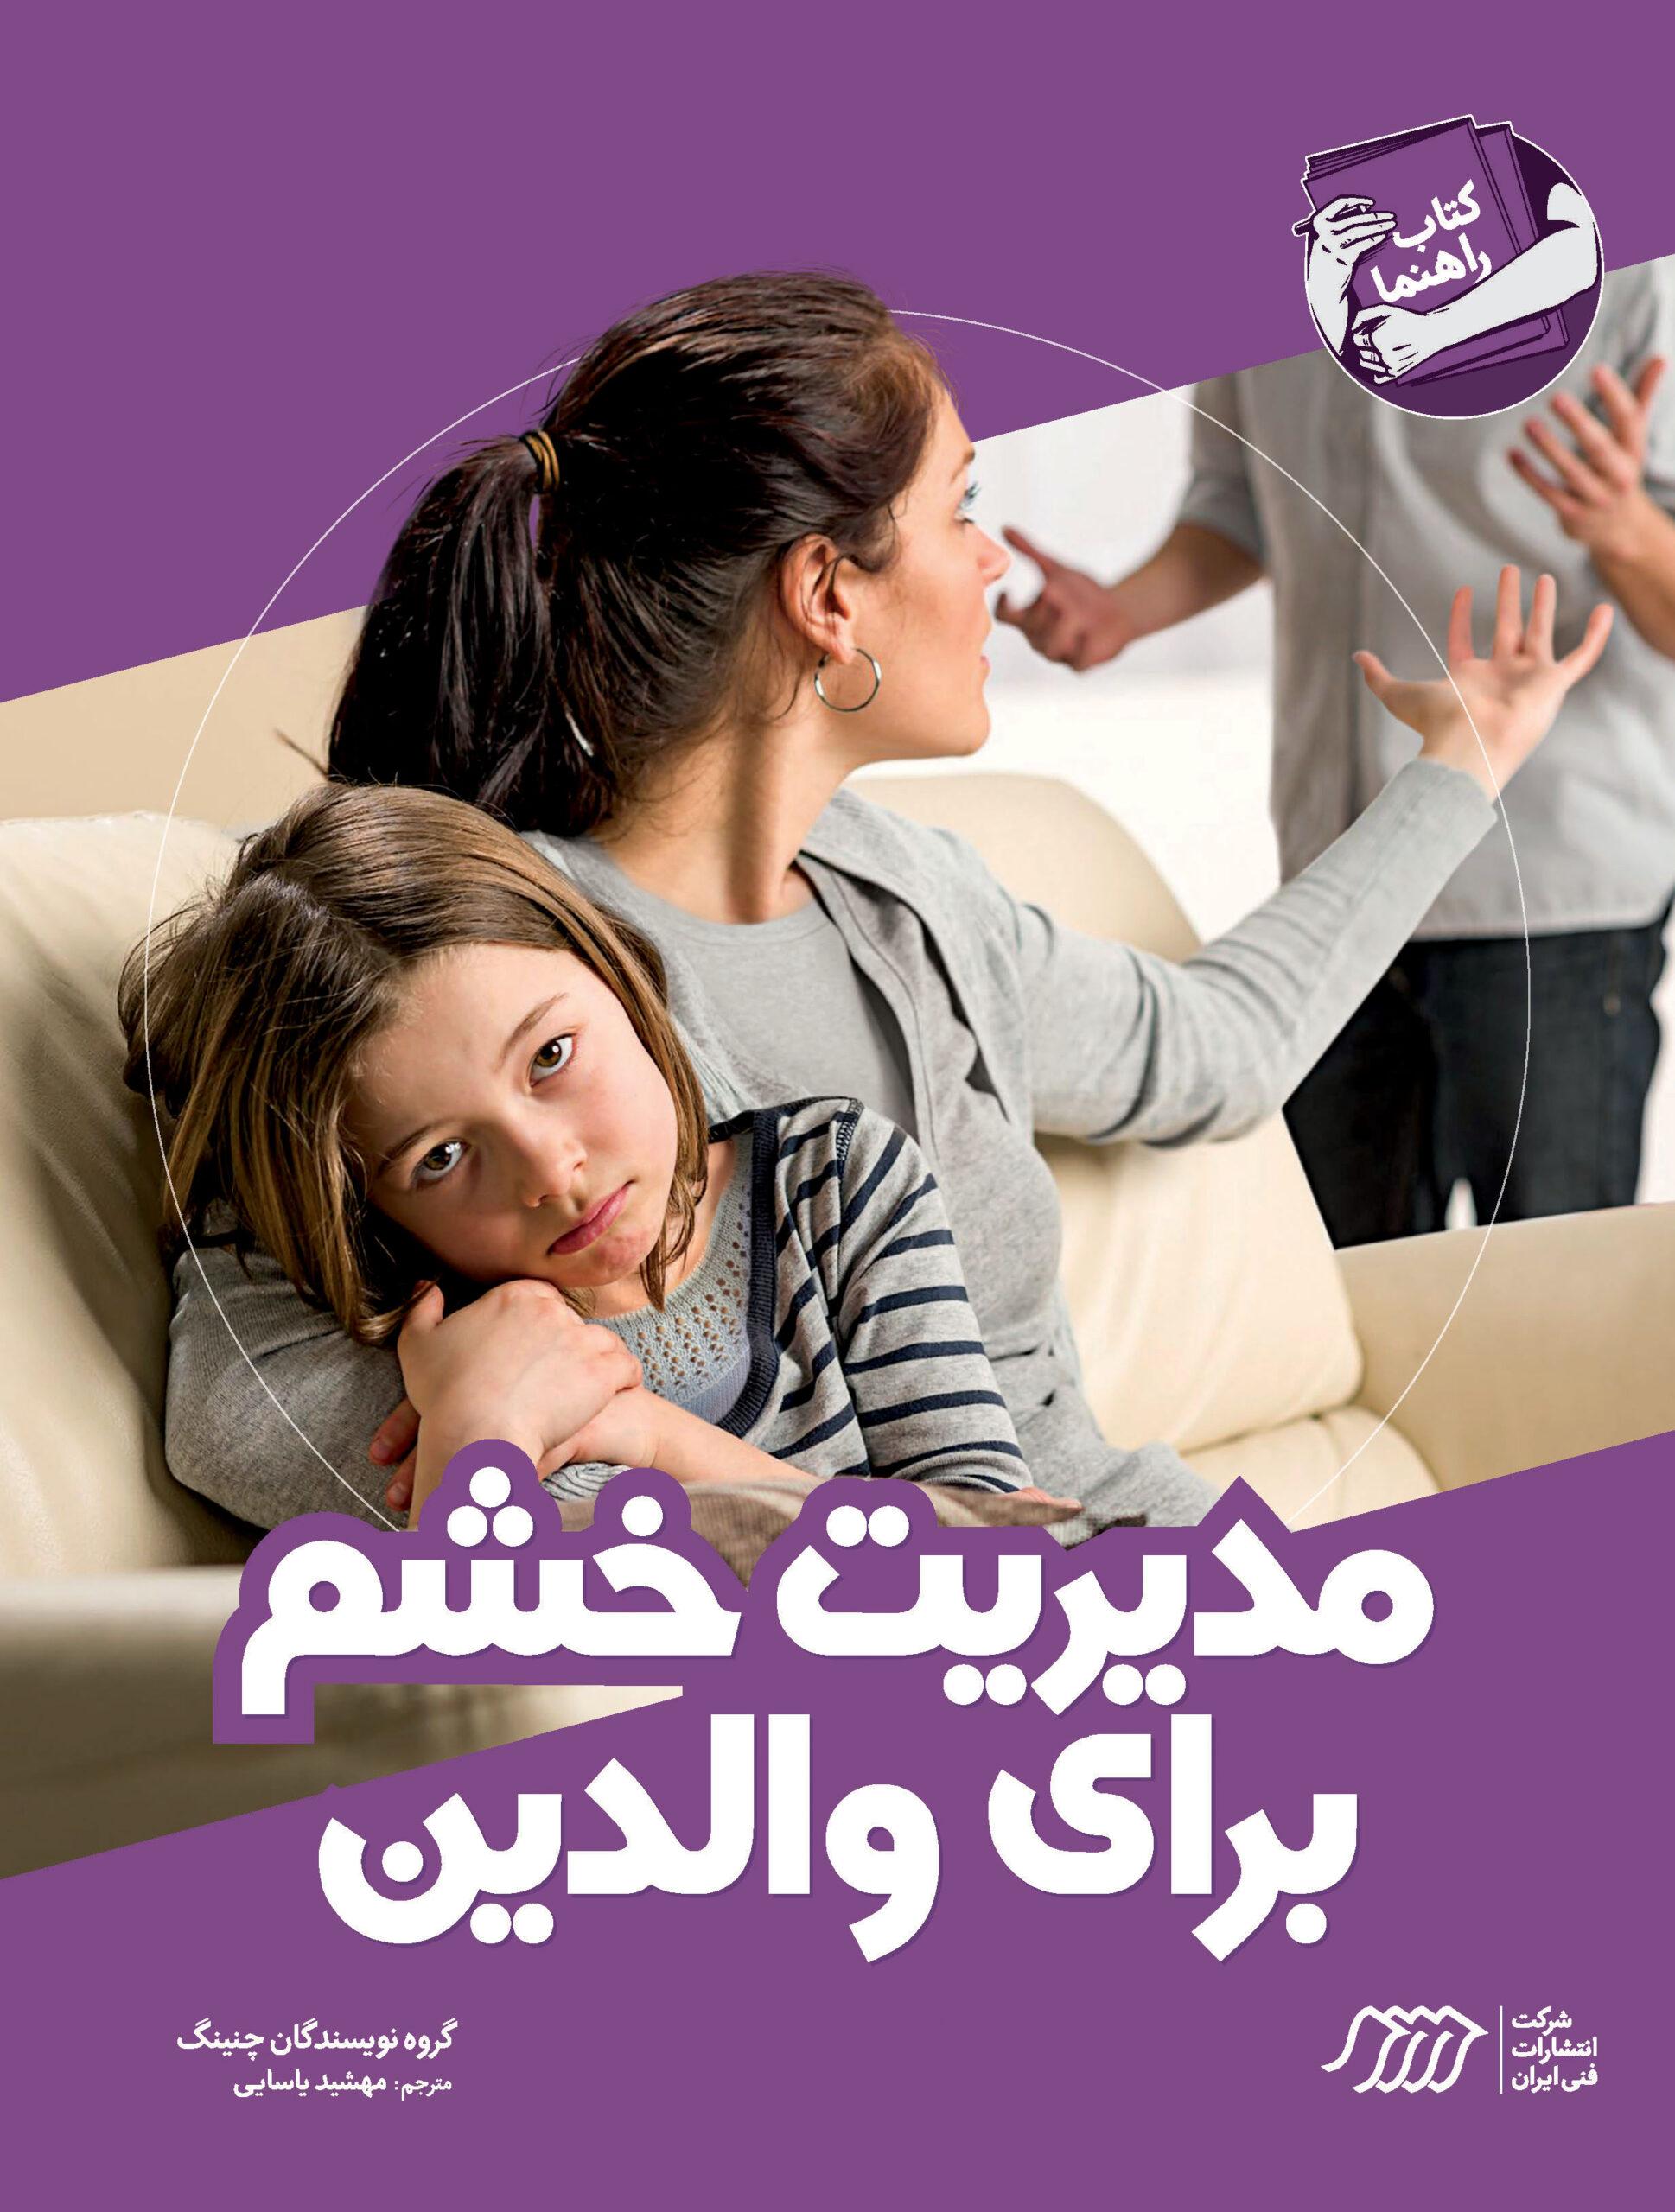 مدیریت خشم برای والدین